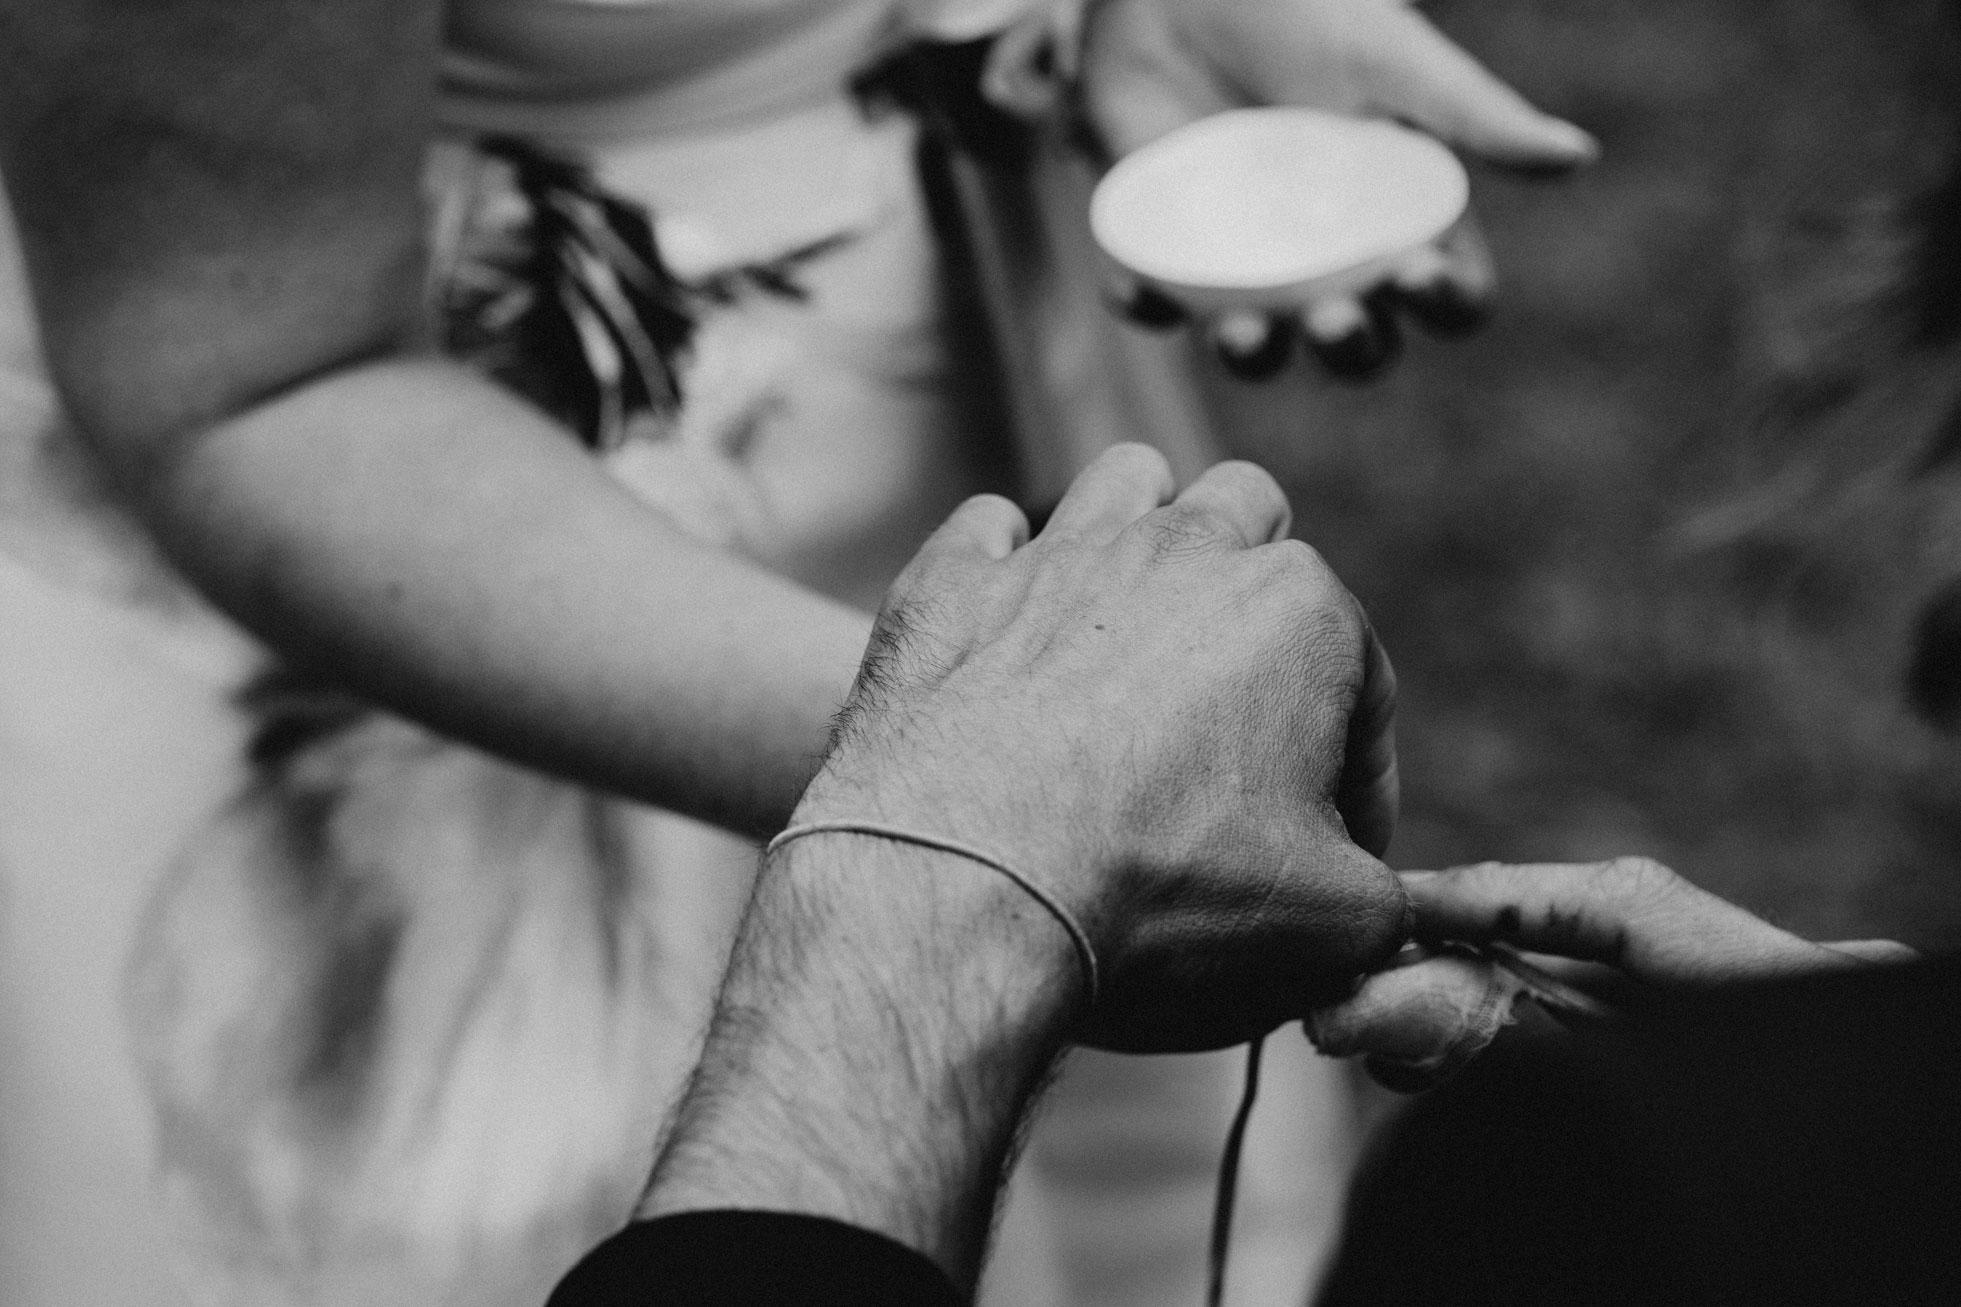 Hochzeit_Claire_Manuel_Villa_Maund_Daniel_Jenny-164.jpg